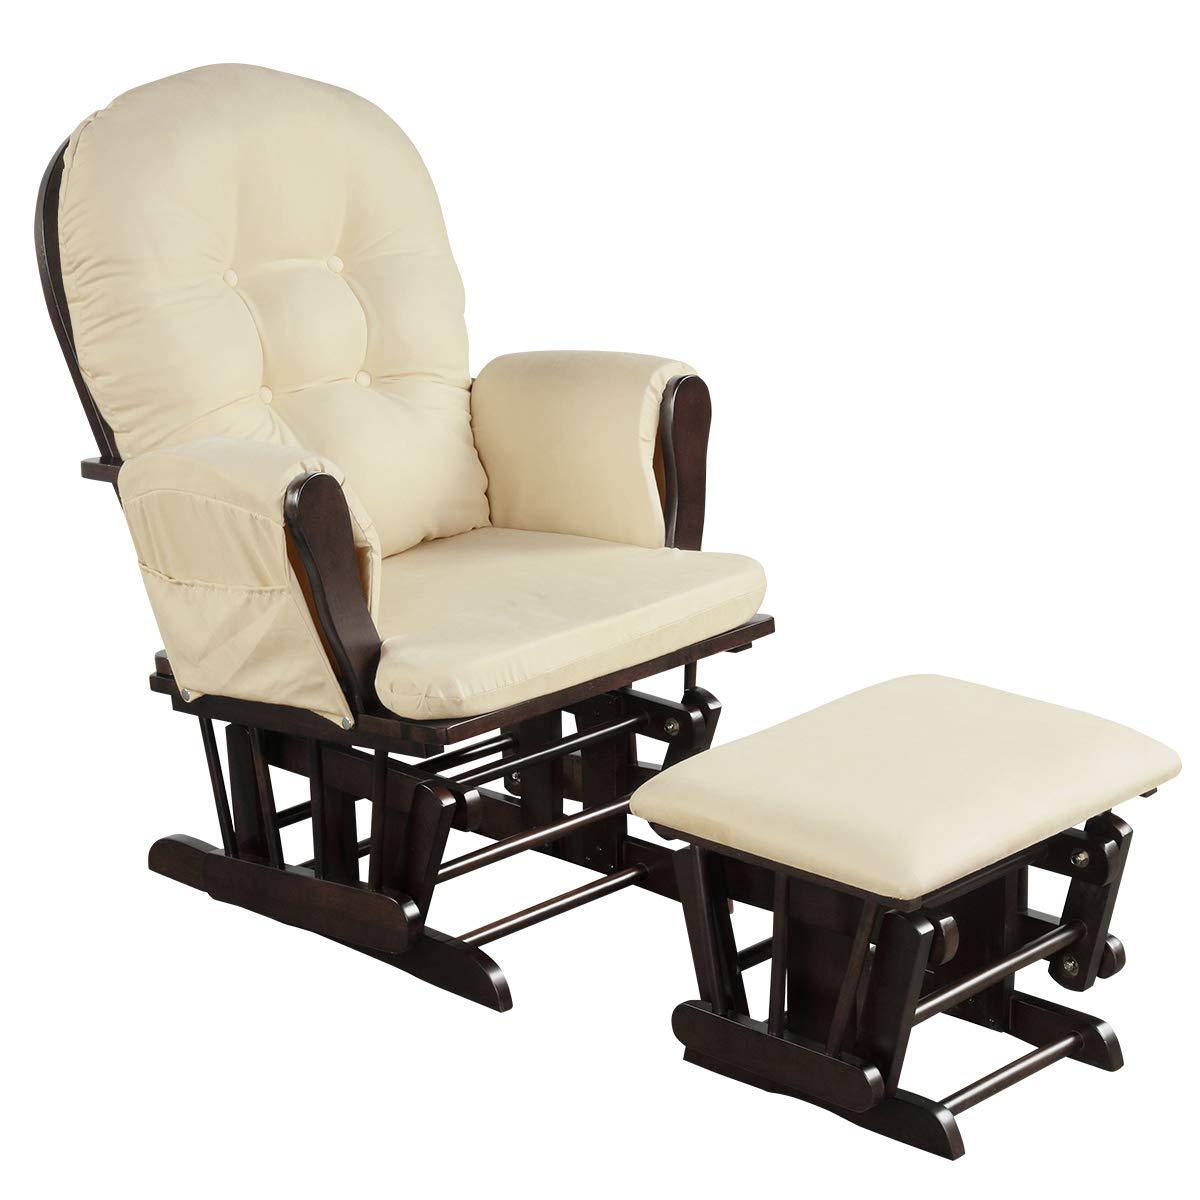 Costzon Best Baby Nursery Glider and Ottoman